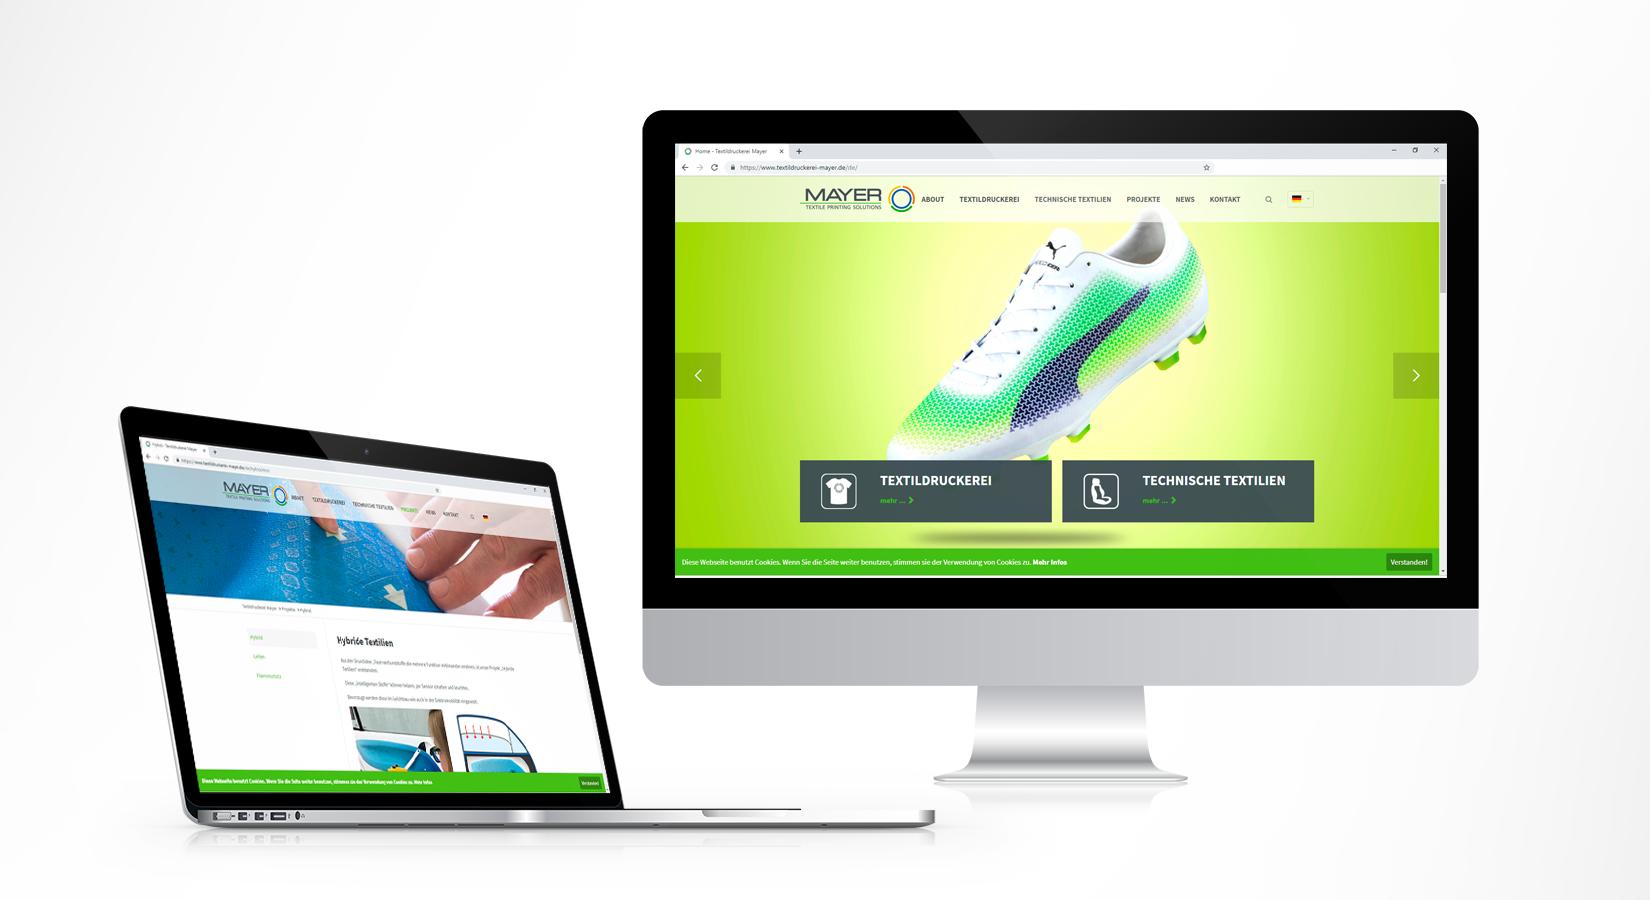 Ansicht der Website der Textildruckerei Mayer auf verschiedenen Displays